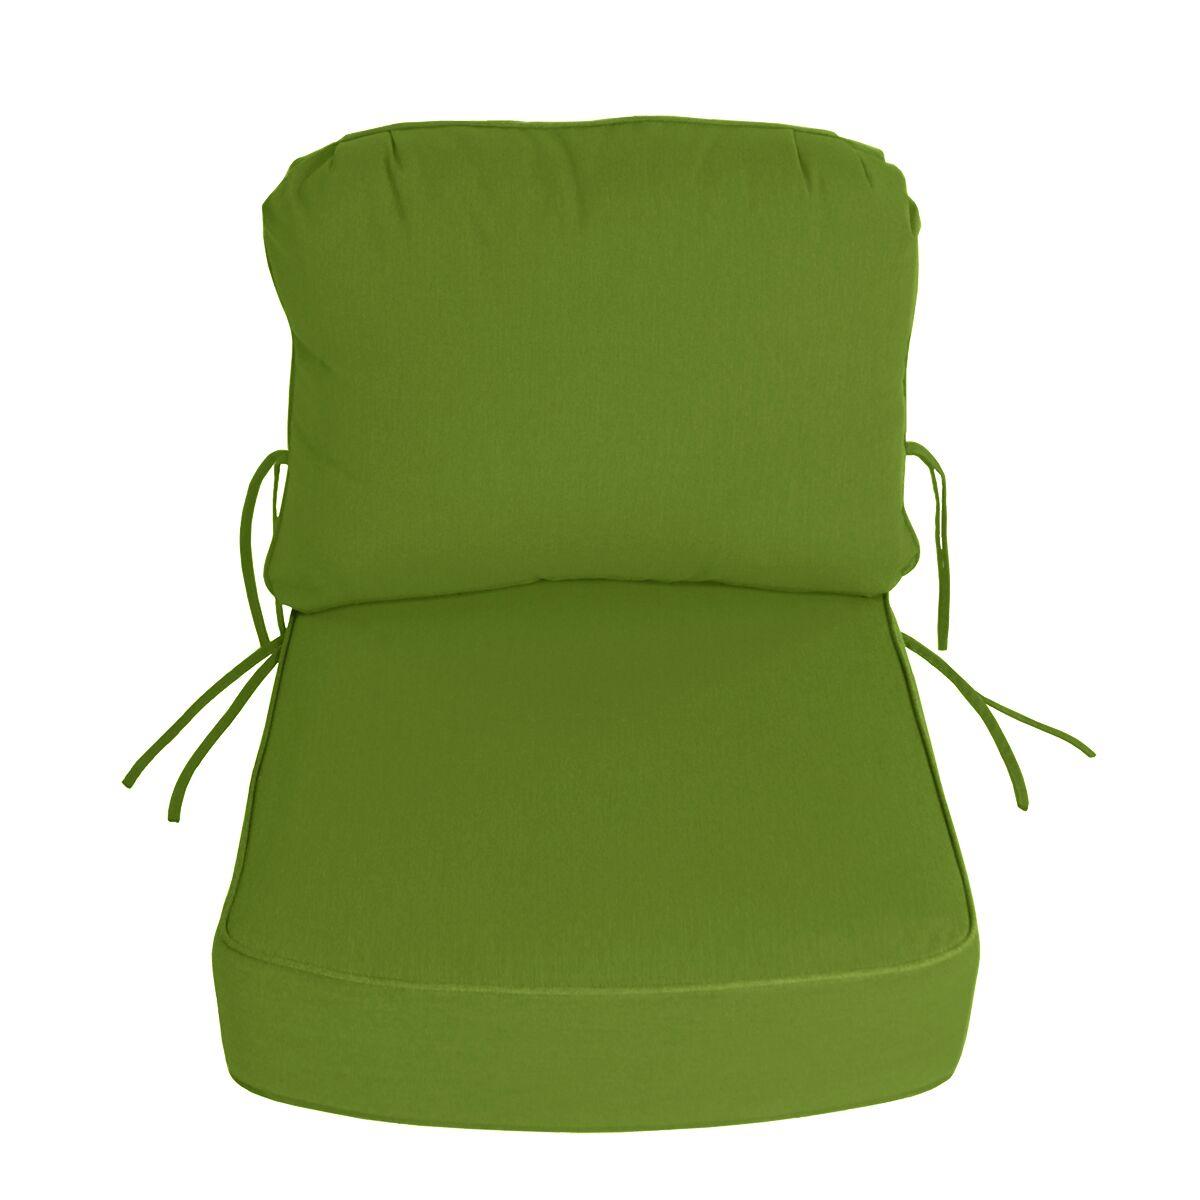 Indoor/Outdoor Sunbrella Deep Setting Chair Cushion Fabric: Macaw